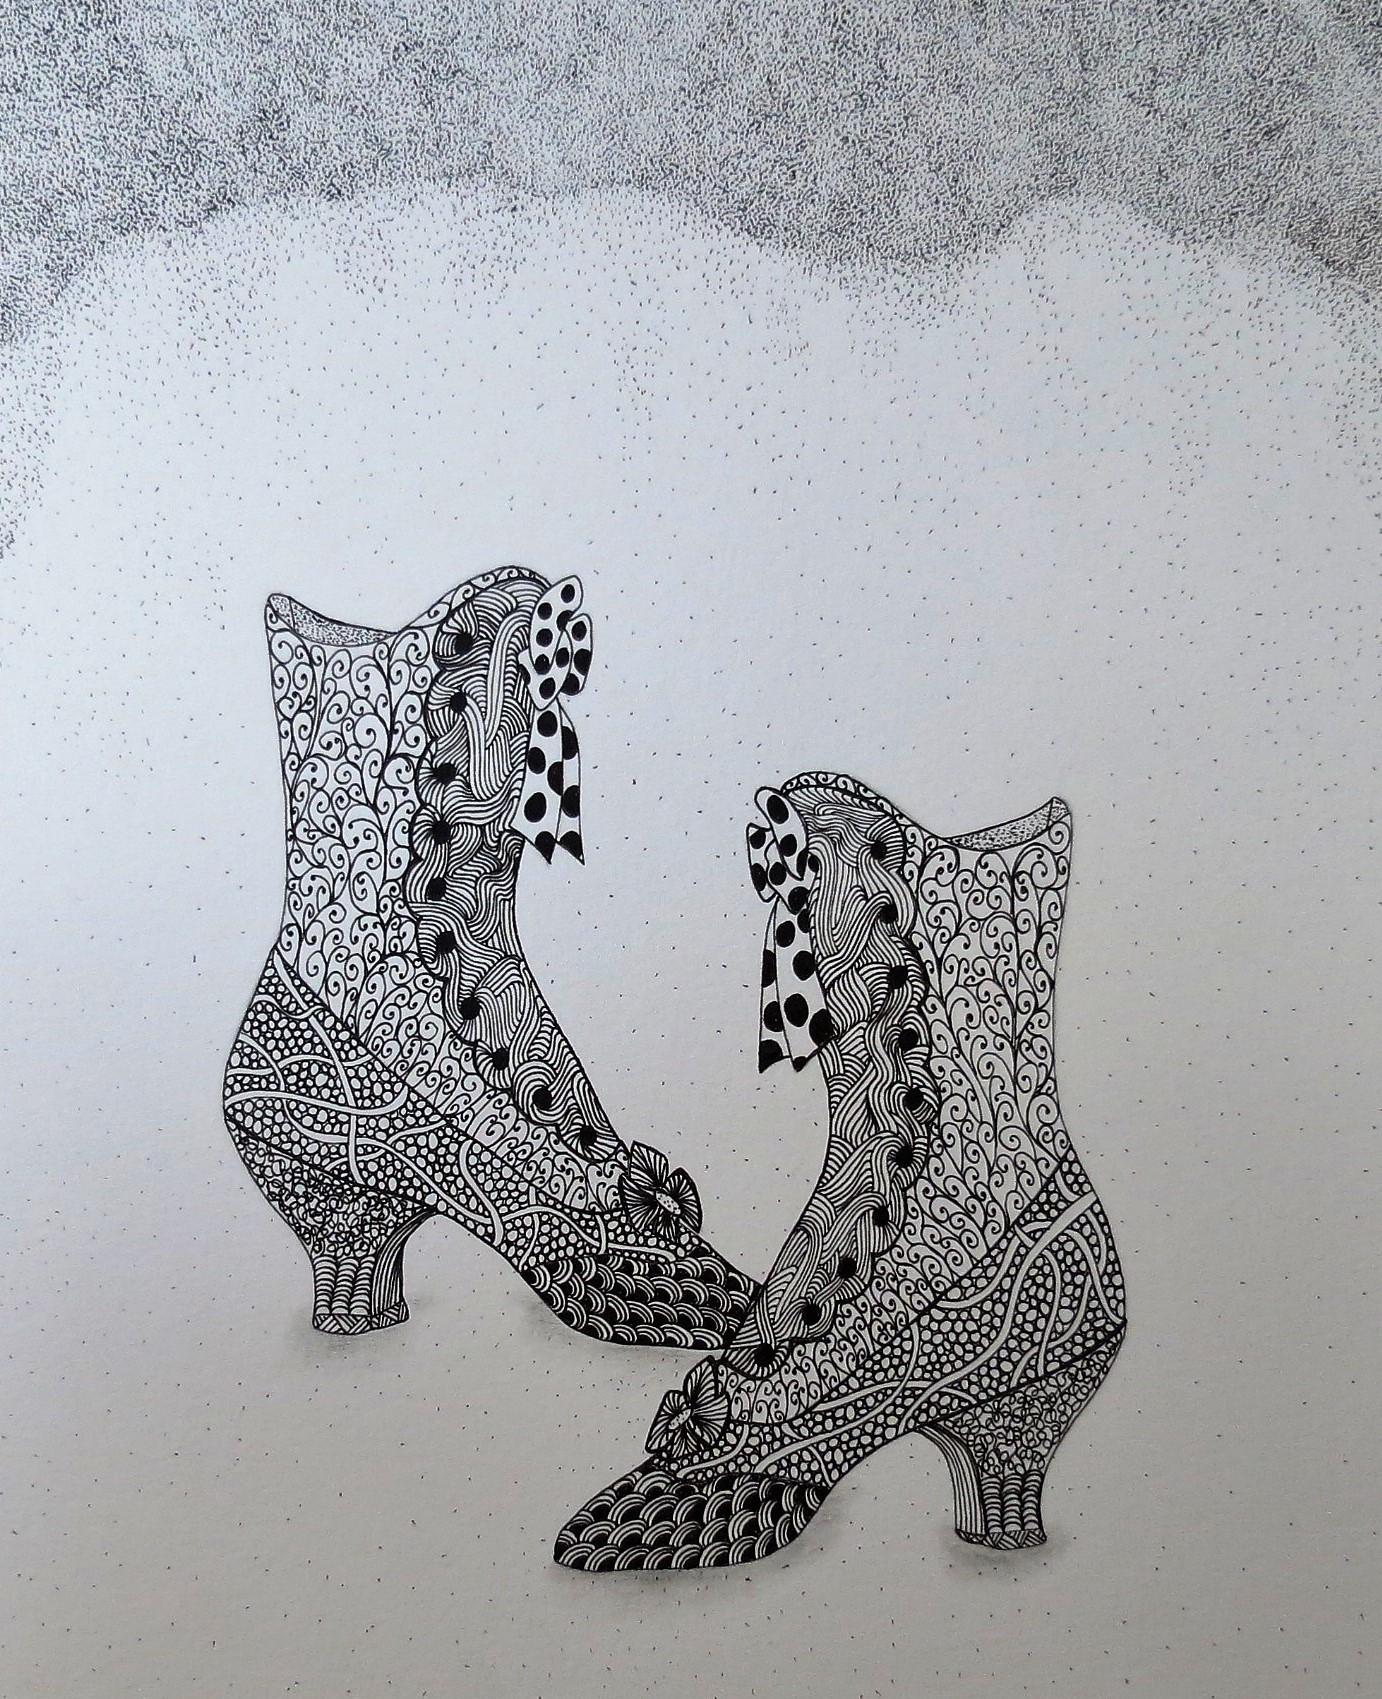 Zen Line Drawing-Elaine Riley